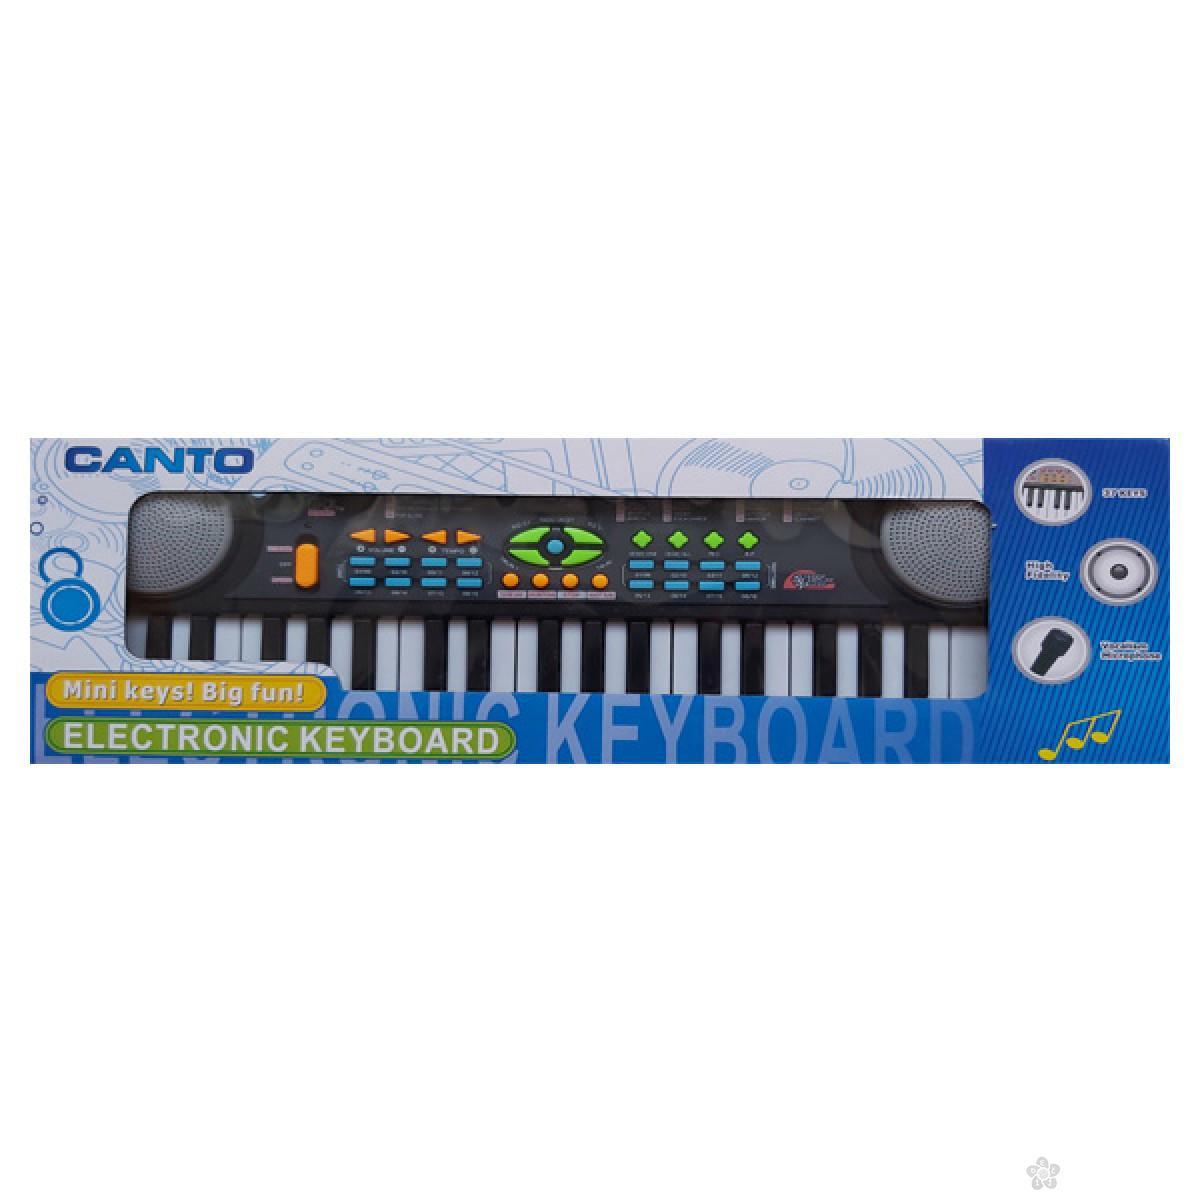 Klavijature 37 dirki 00300